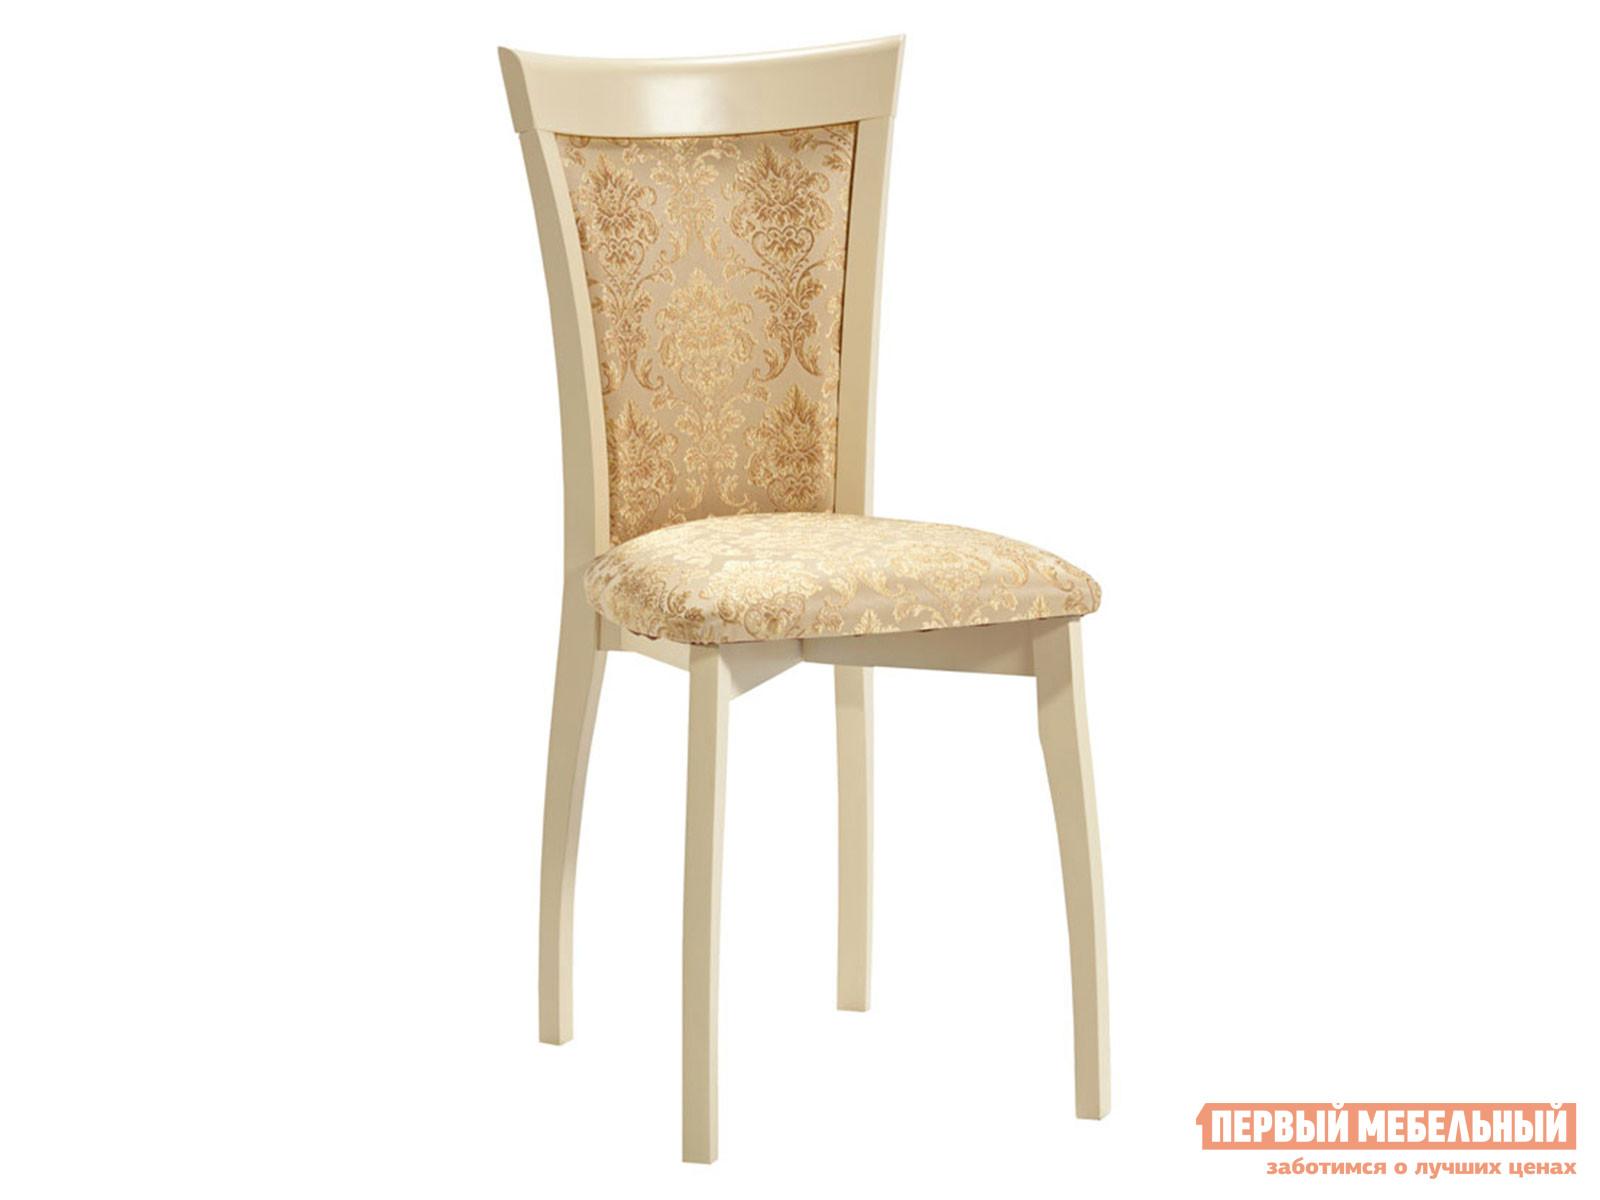 Кухонный стул Mebwill Тулон 2 мягкий